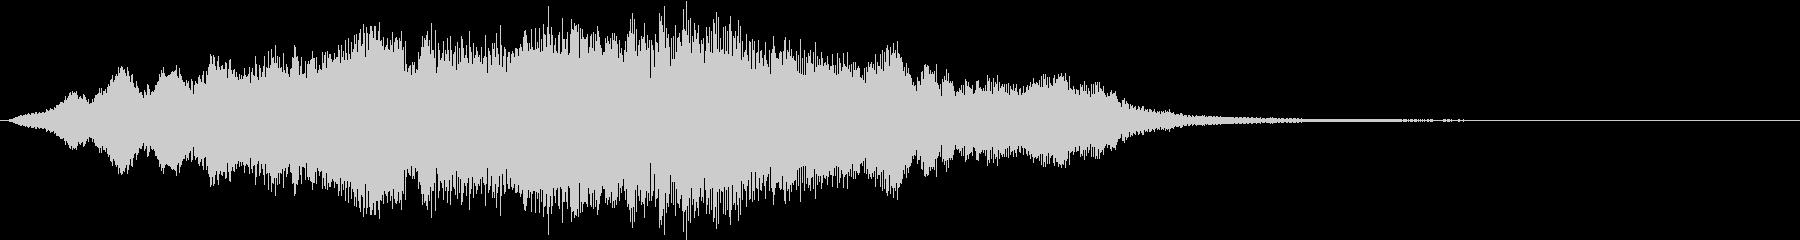 【ホラー】SFX_02 鐘が響く暗闇の未再生の波形